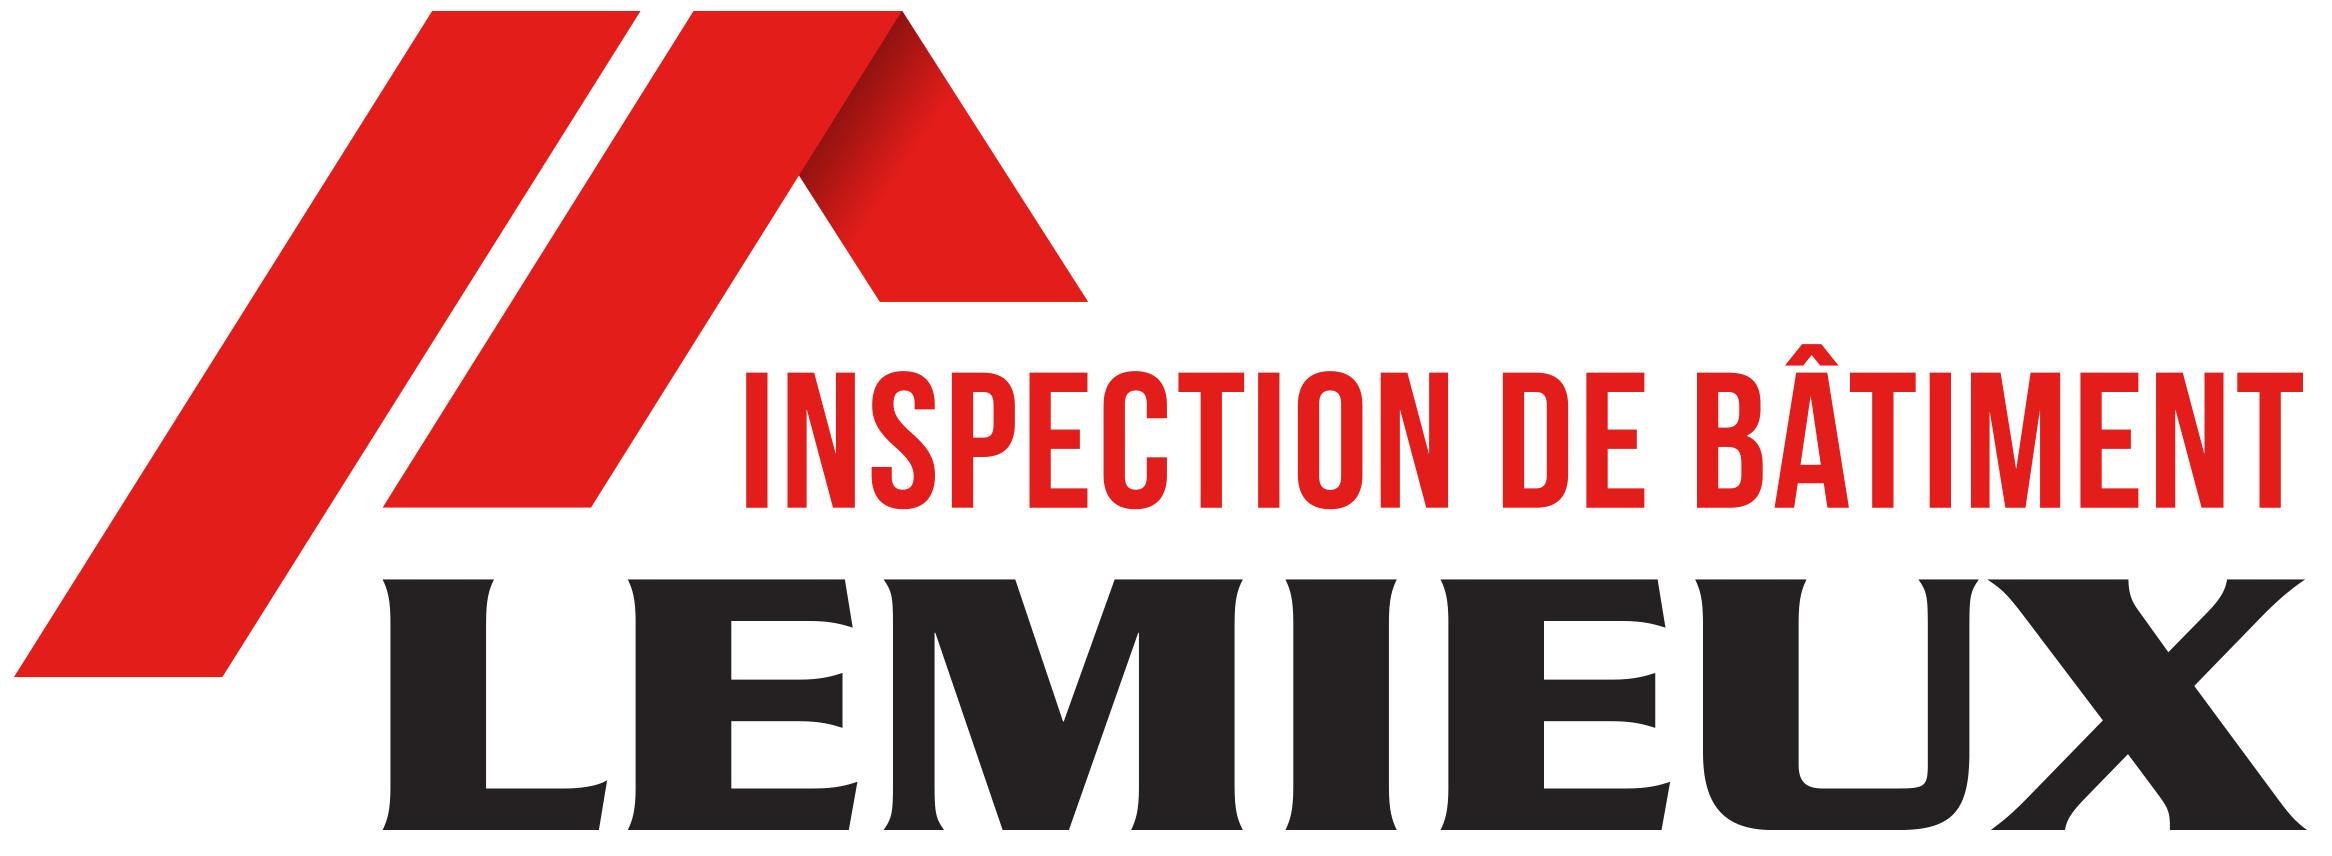 Inspection de bâtiment Lemieux